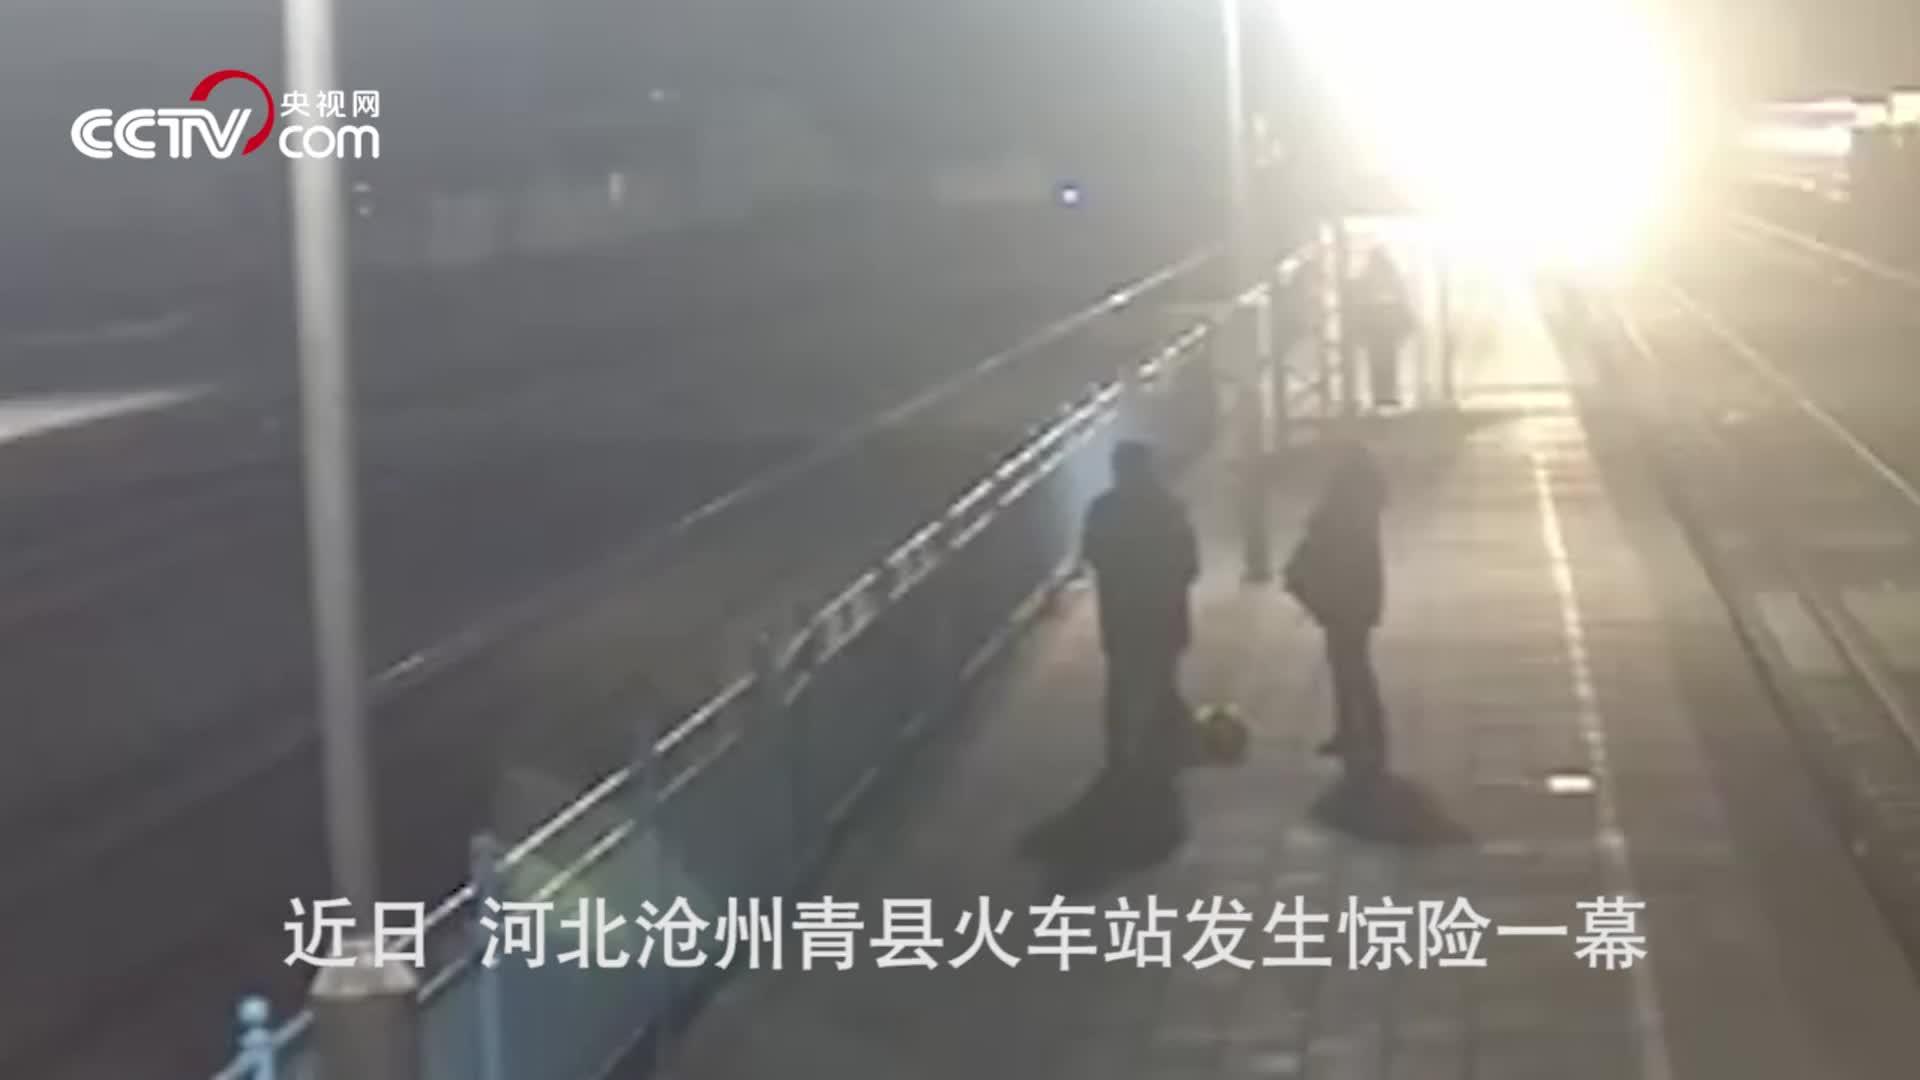 [视频]惊魂三秒!铁路工迎着火车跳下铁轨,一把拽出轻生女子